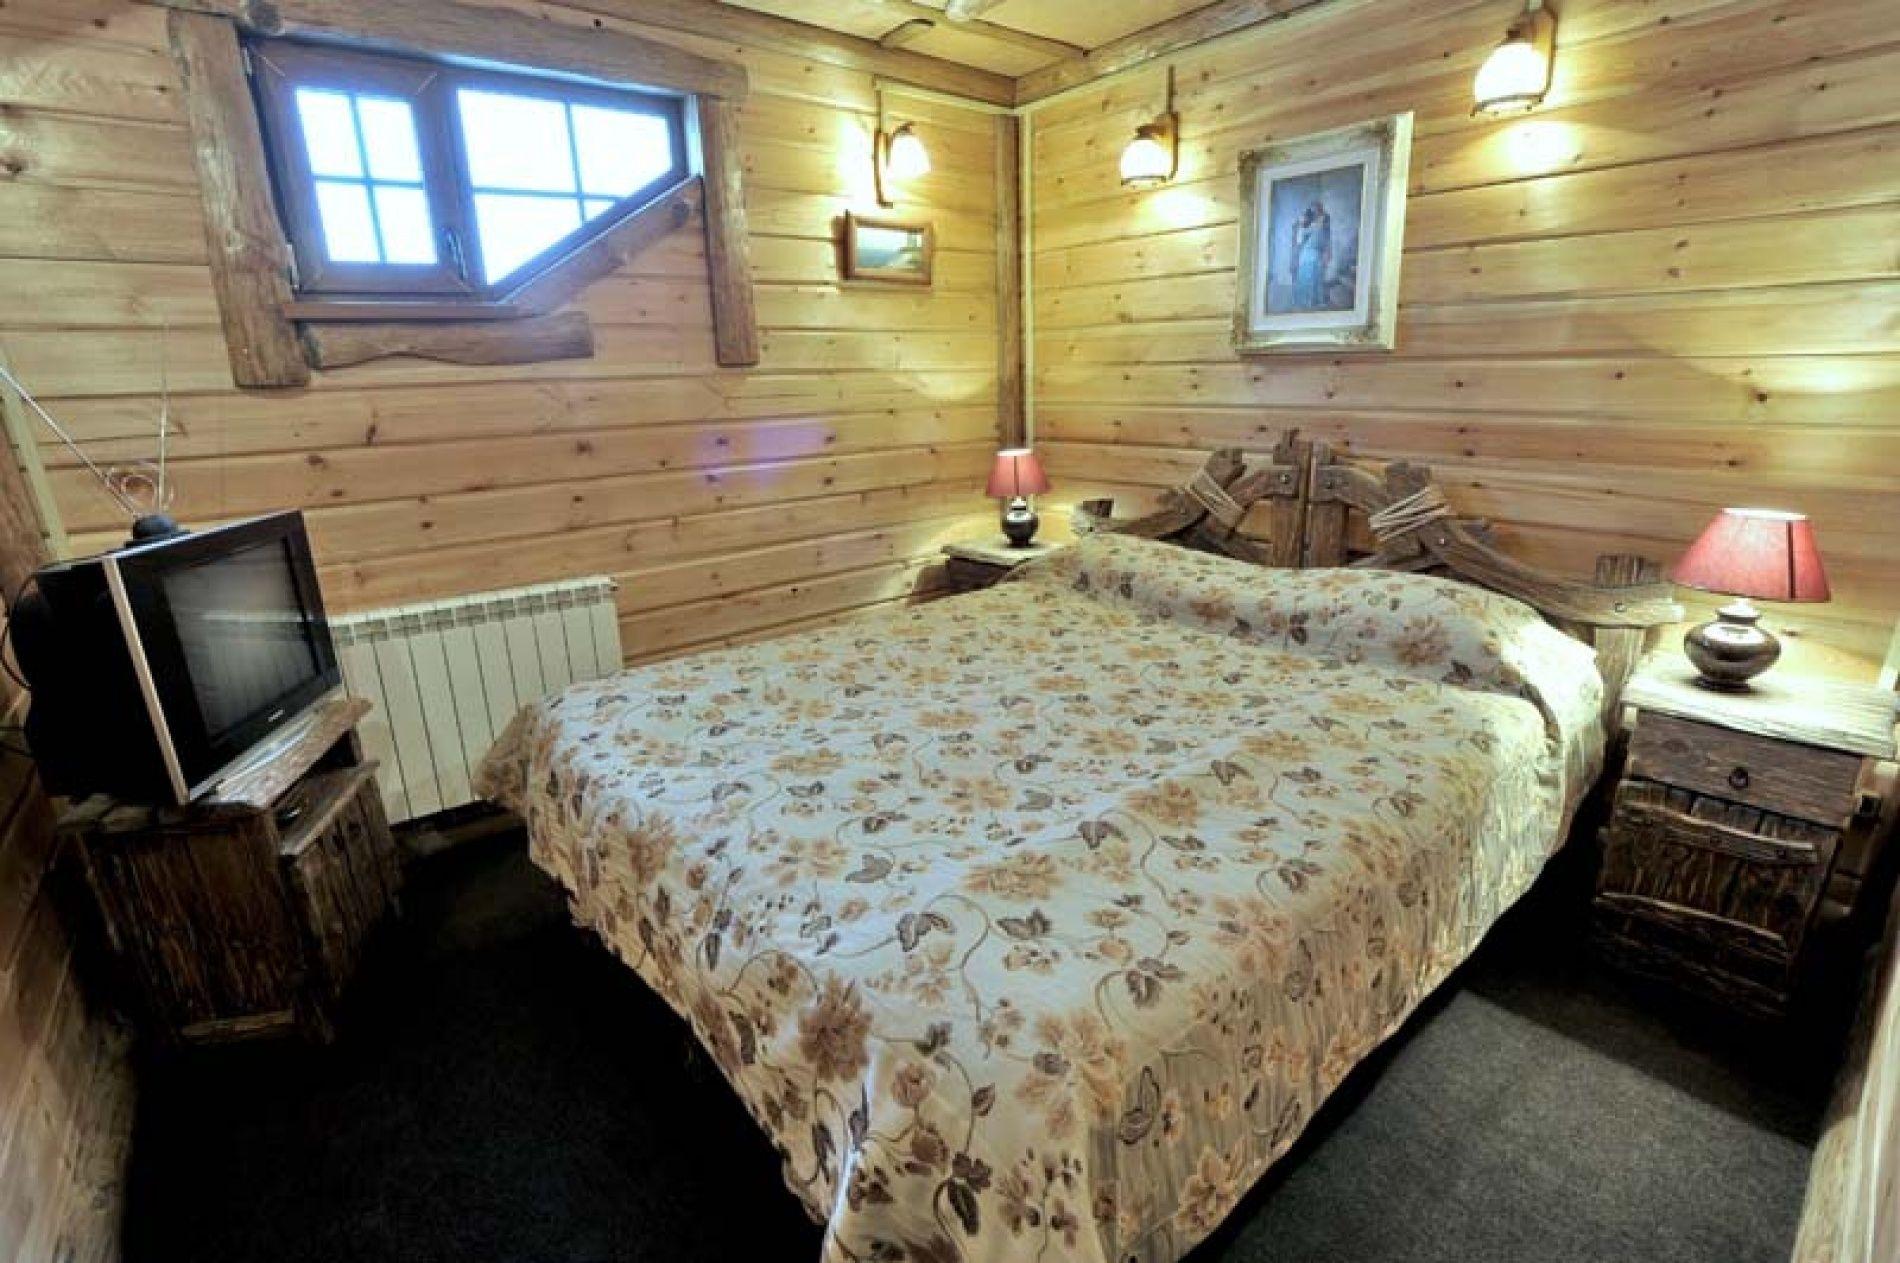 Гостиница «Мельница» Иркутская область Люкс, фото 2